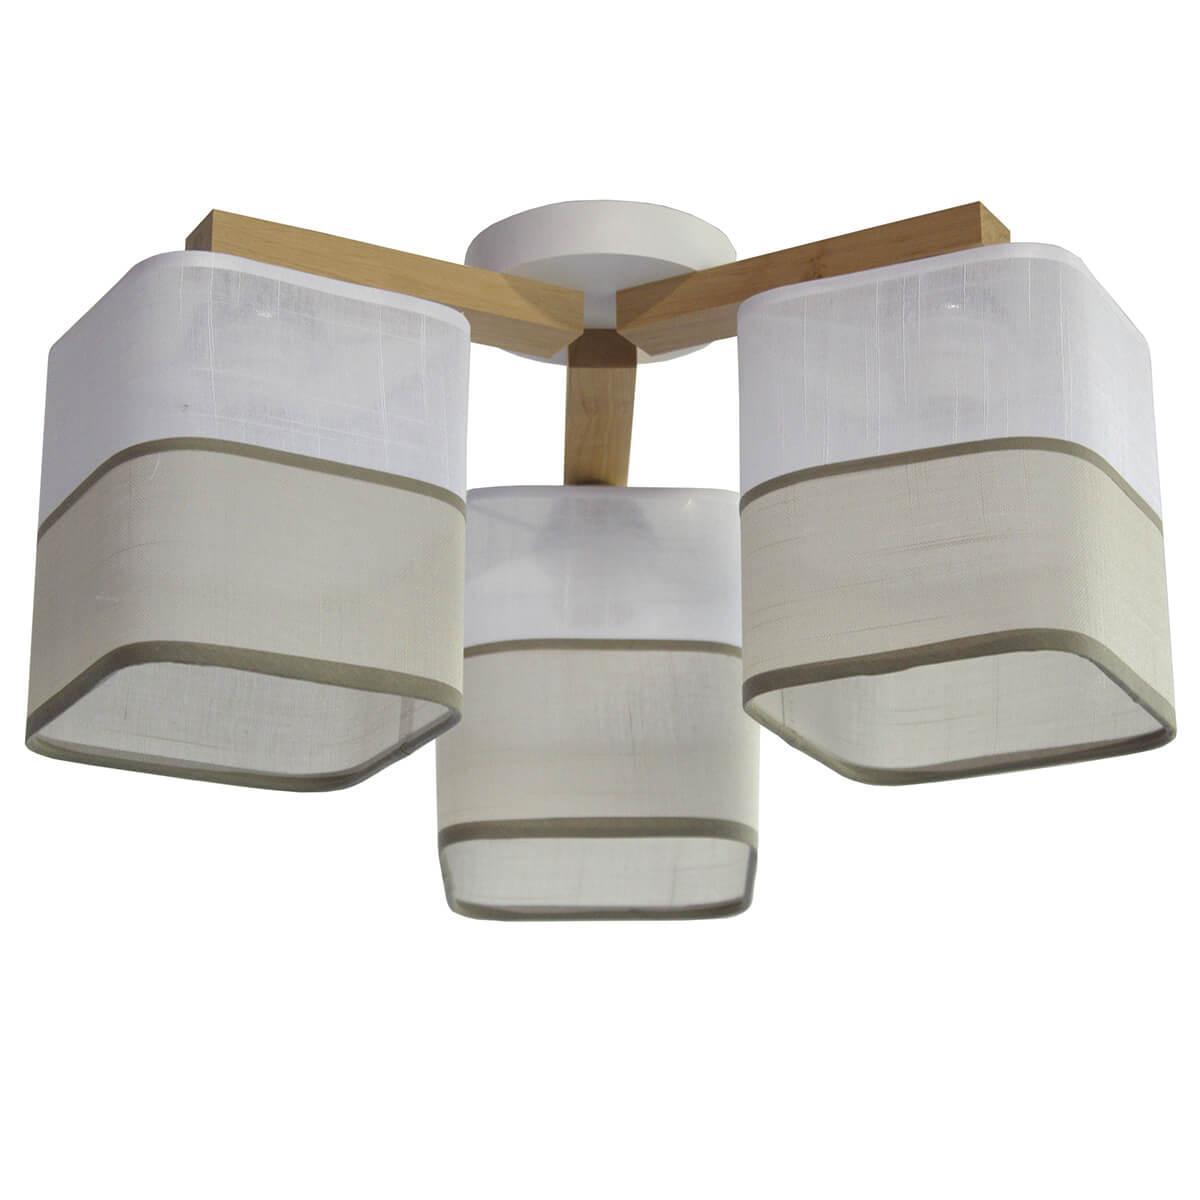 Фото - Потолочный светильник Дубравия 217-51-23, E27, 60 Вт подвесной светильник дубравия лори 181 41 23